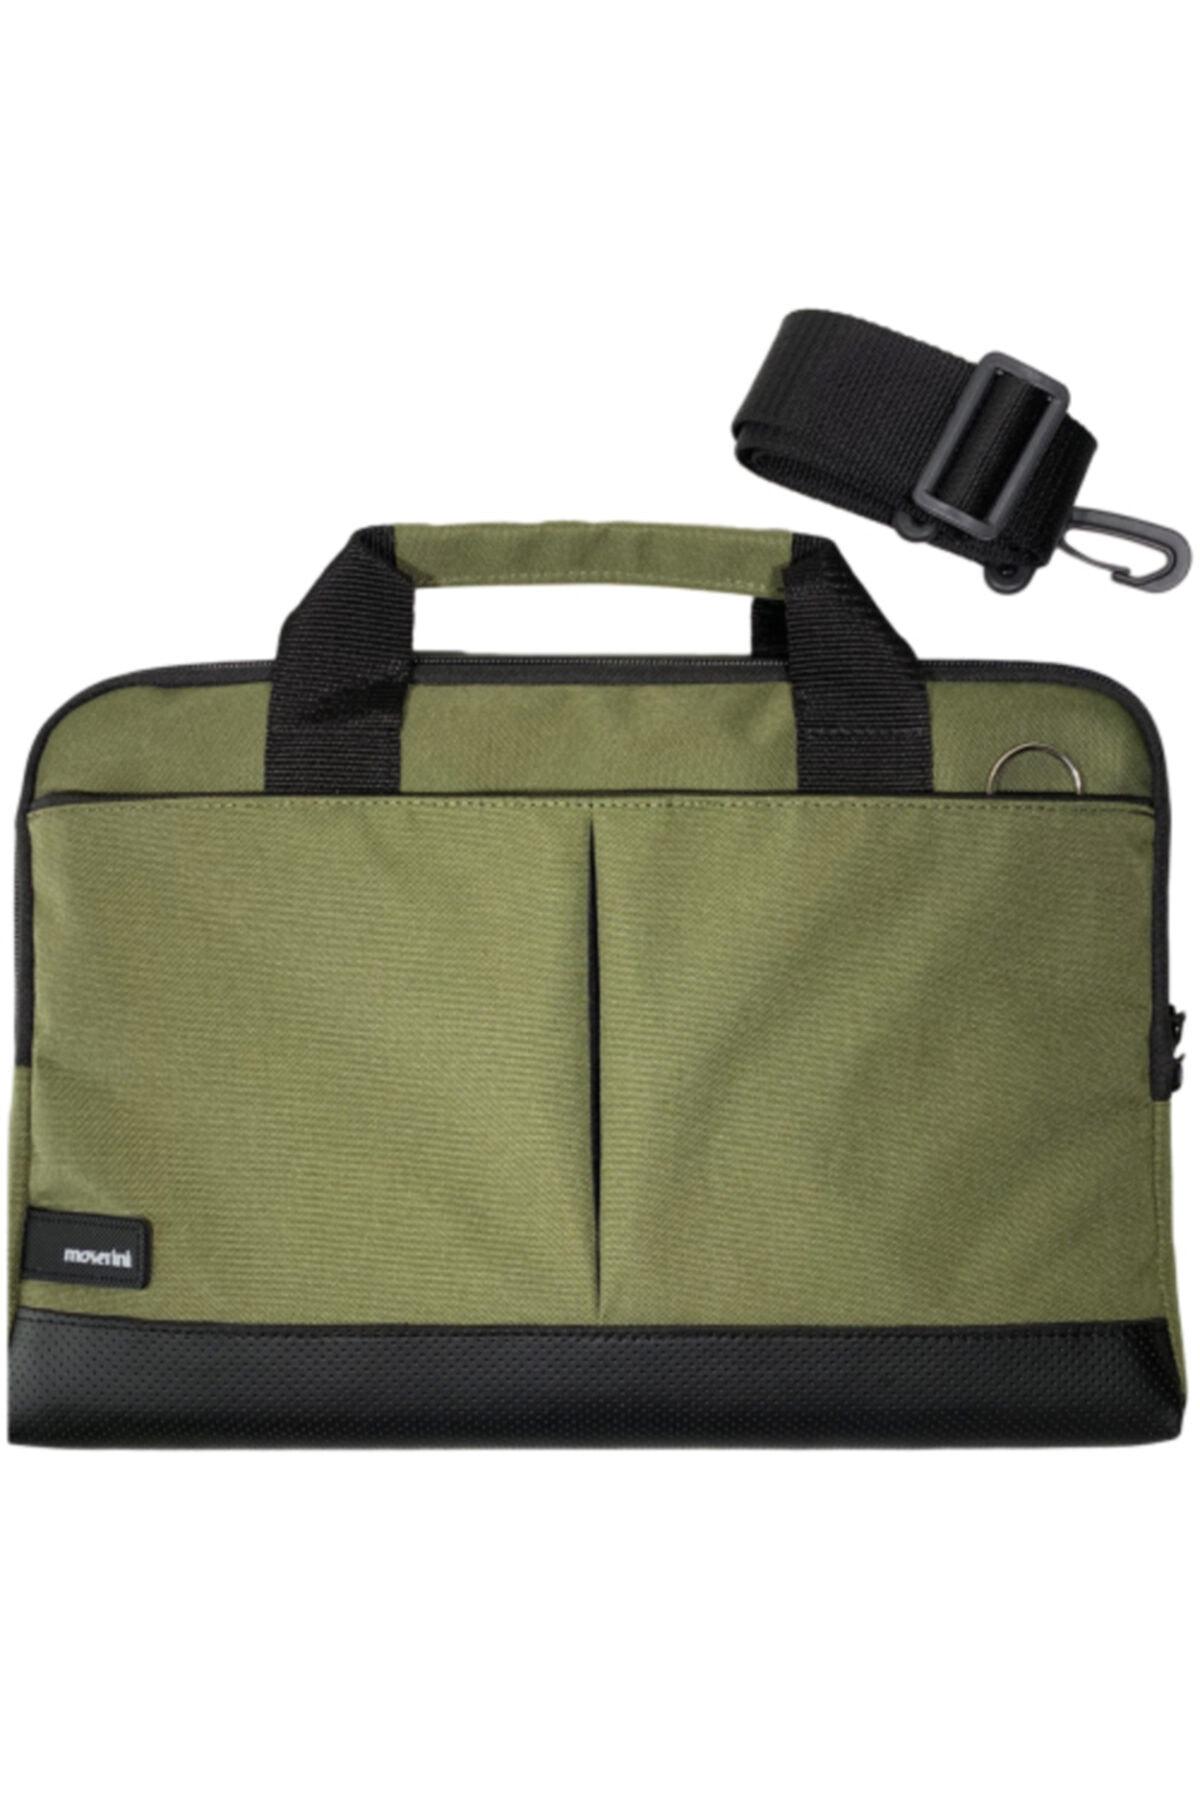 Moserini 15.6'' Taban Korumalı, Omuz Askılı Notebook Laptop Macbook Çantası - Haki 1